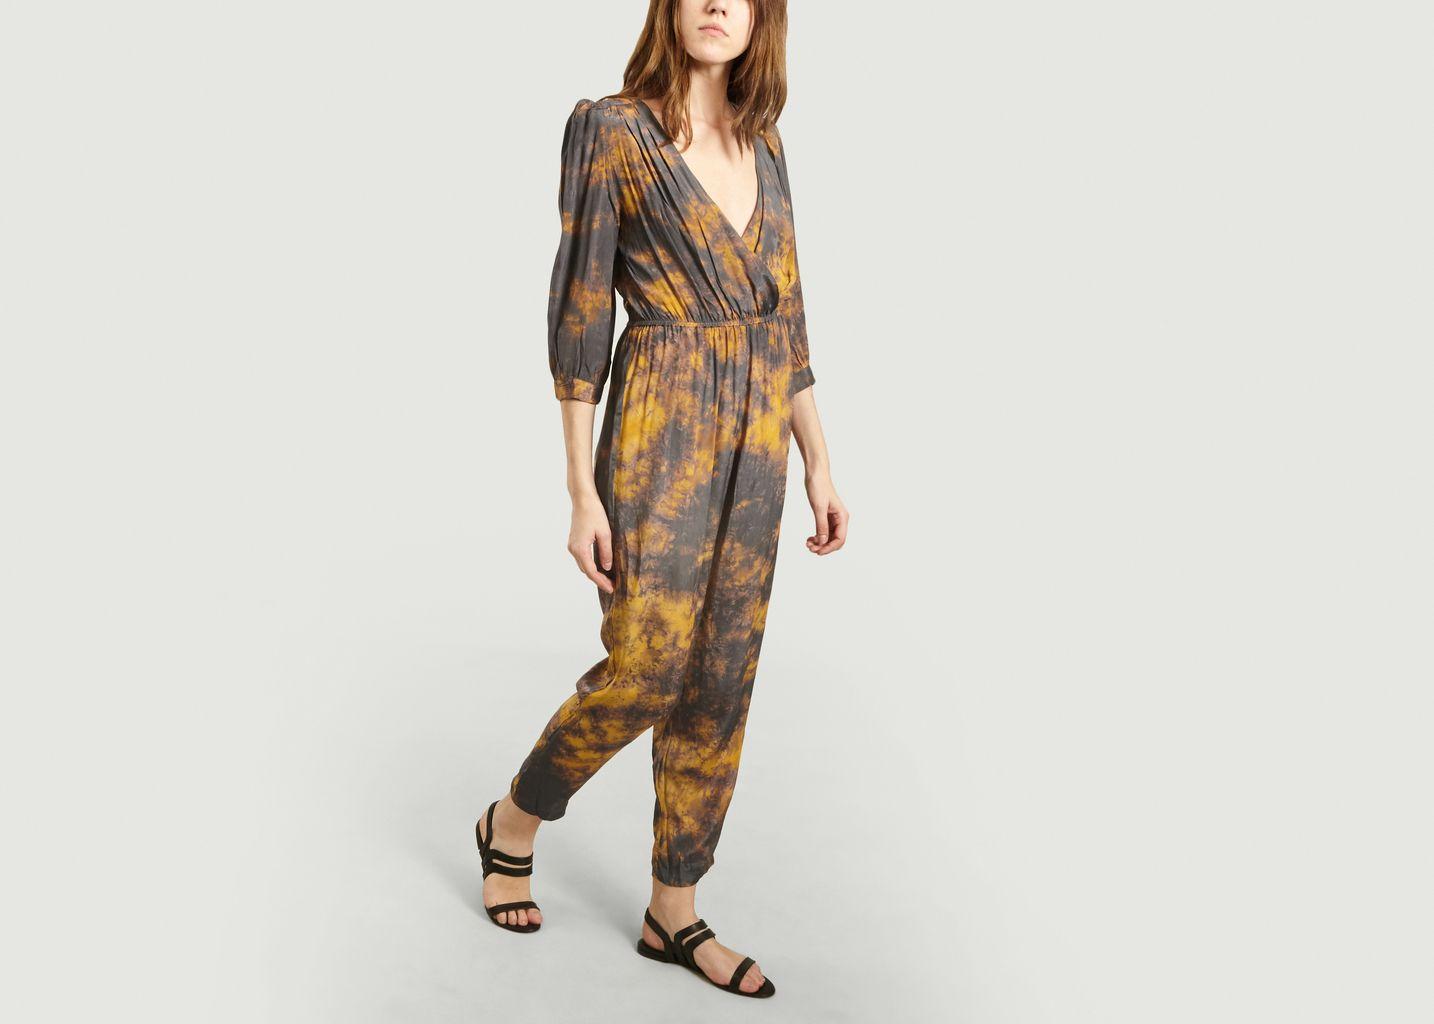 Combinaison Pantalon Morpho Tye and Dye - Mes Demoiselles